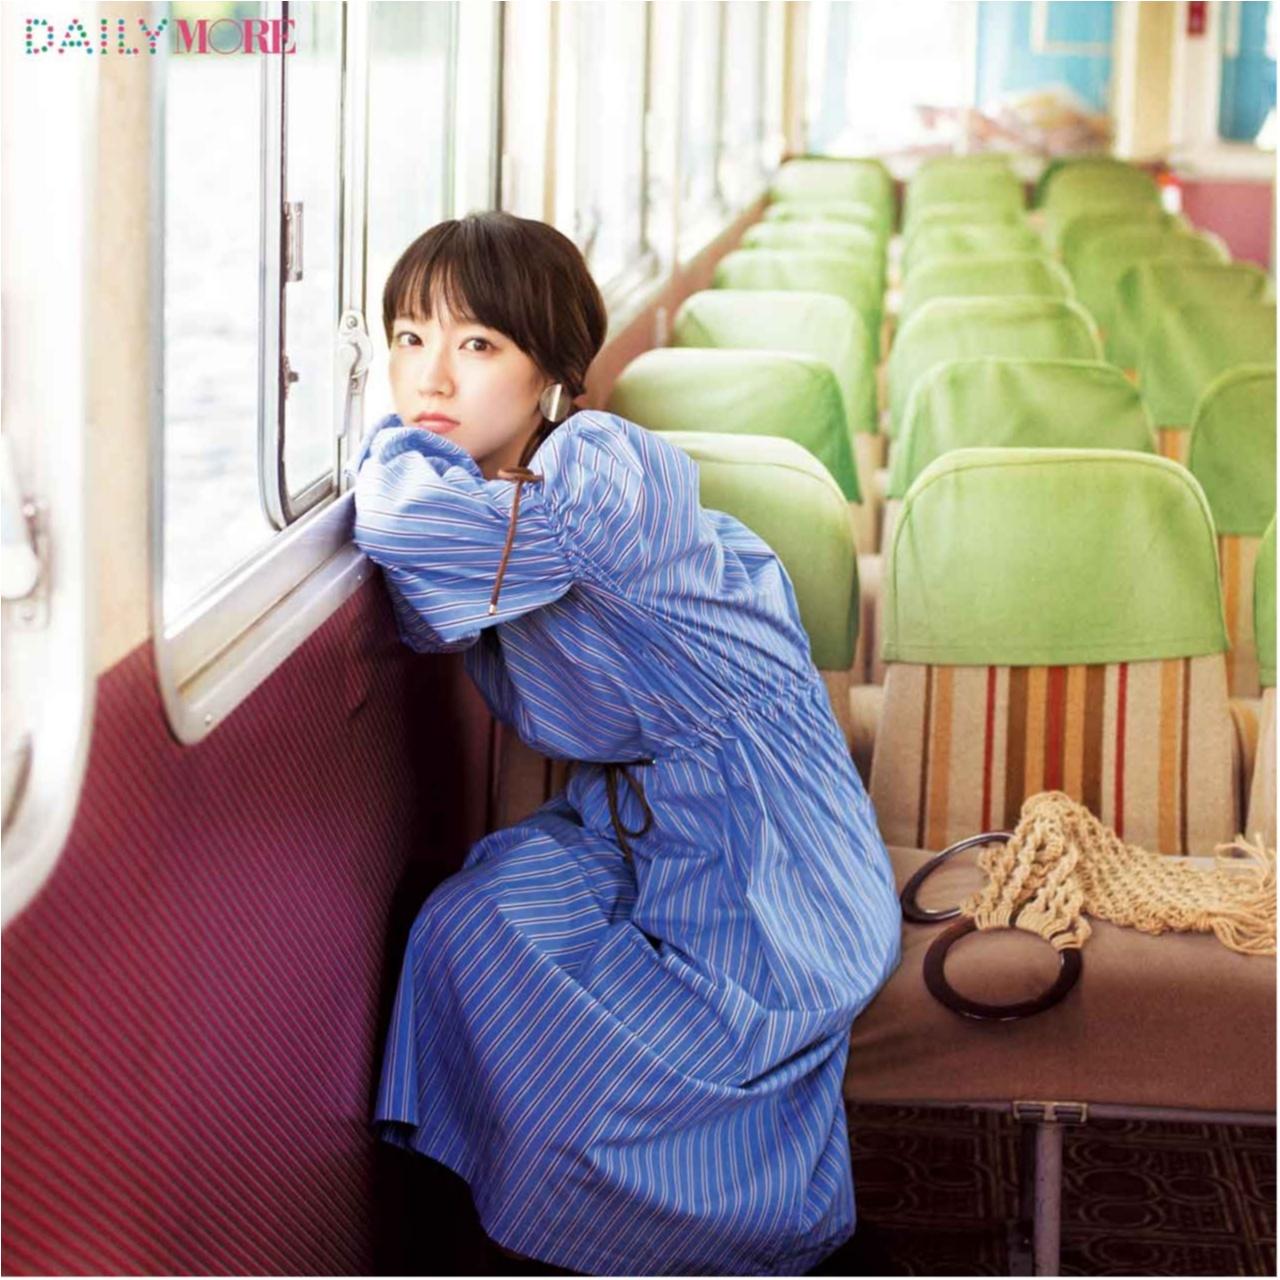 夏の好印象No.1カラー♪「ブルー」を使ったさわやかコーデまとめ♡_1_16